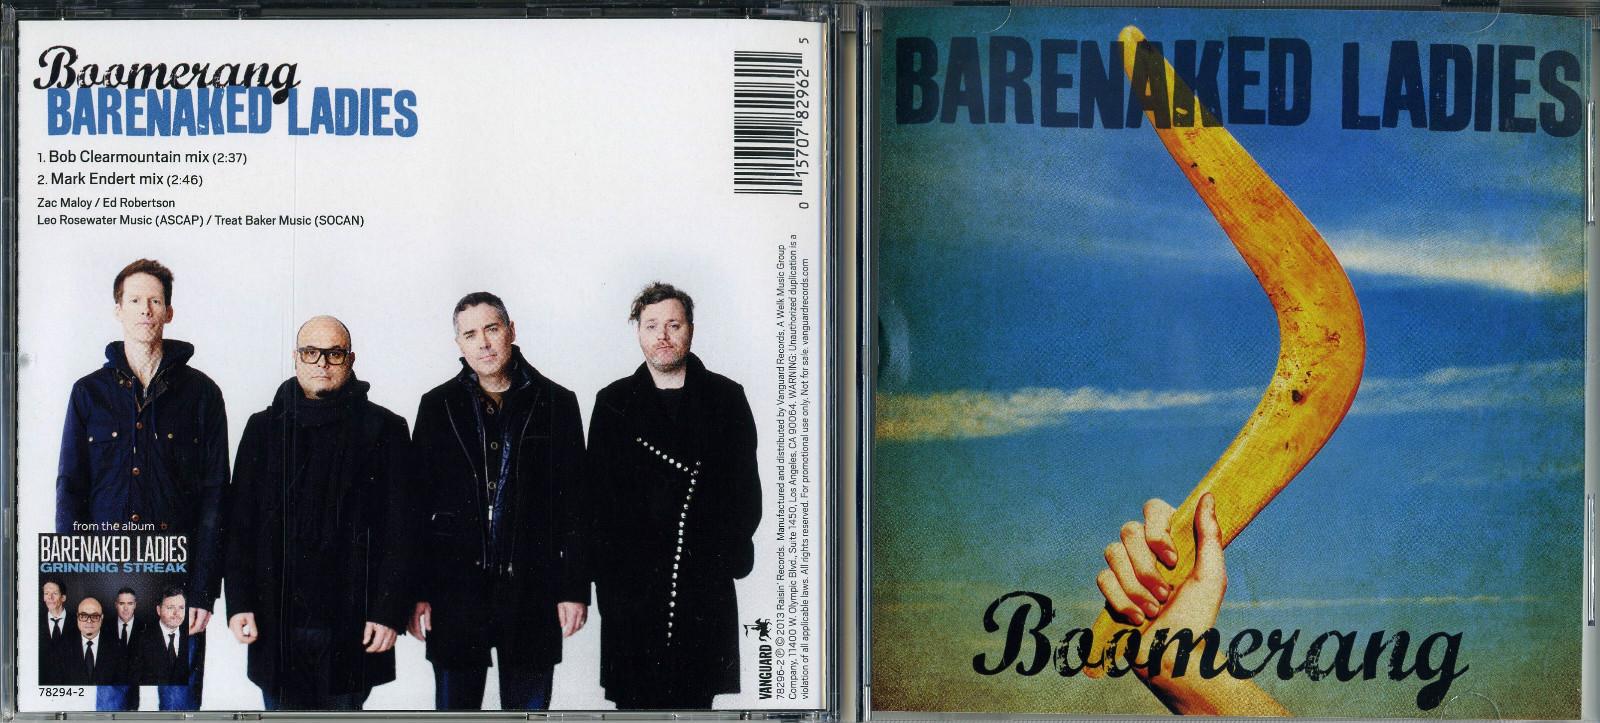 Barenaked Ladies - Did I Say That Out Loud? Lyrics